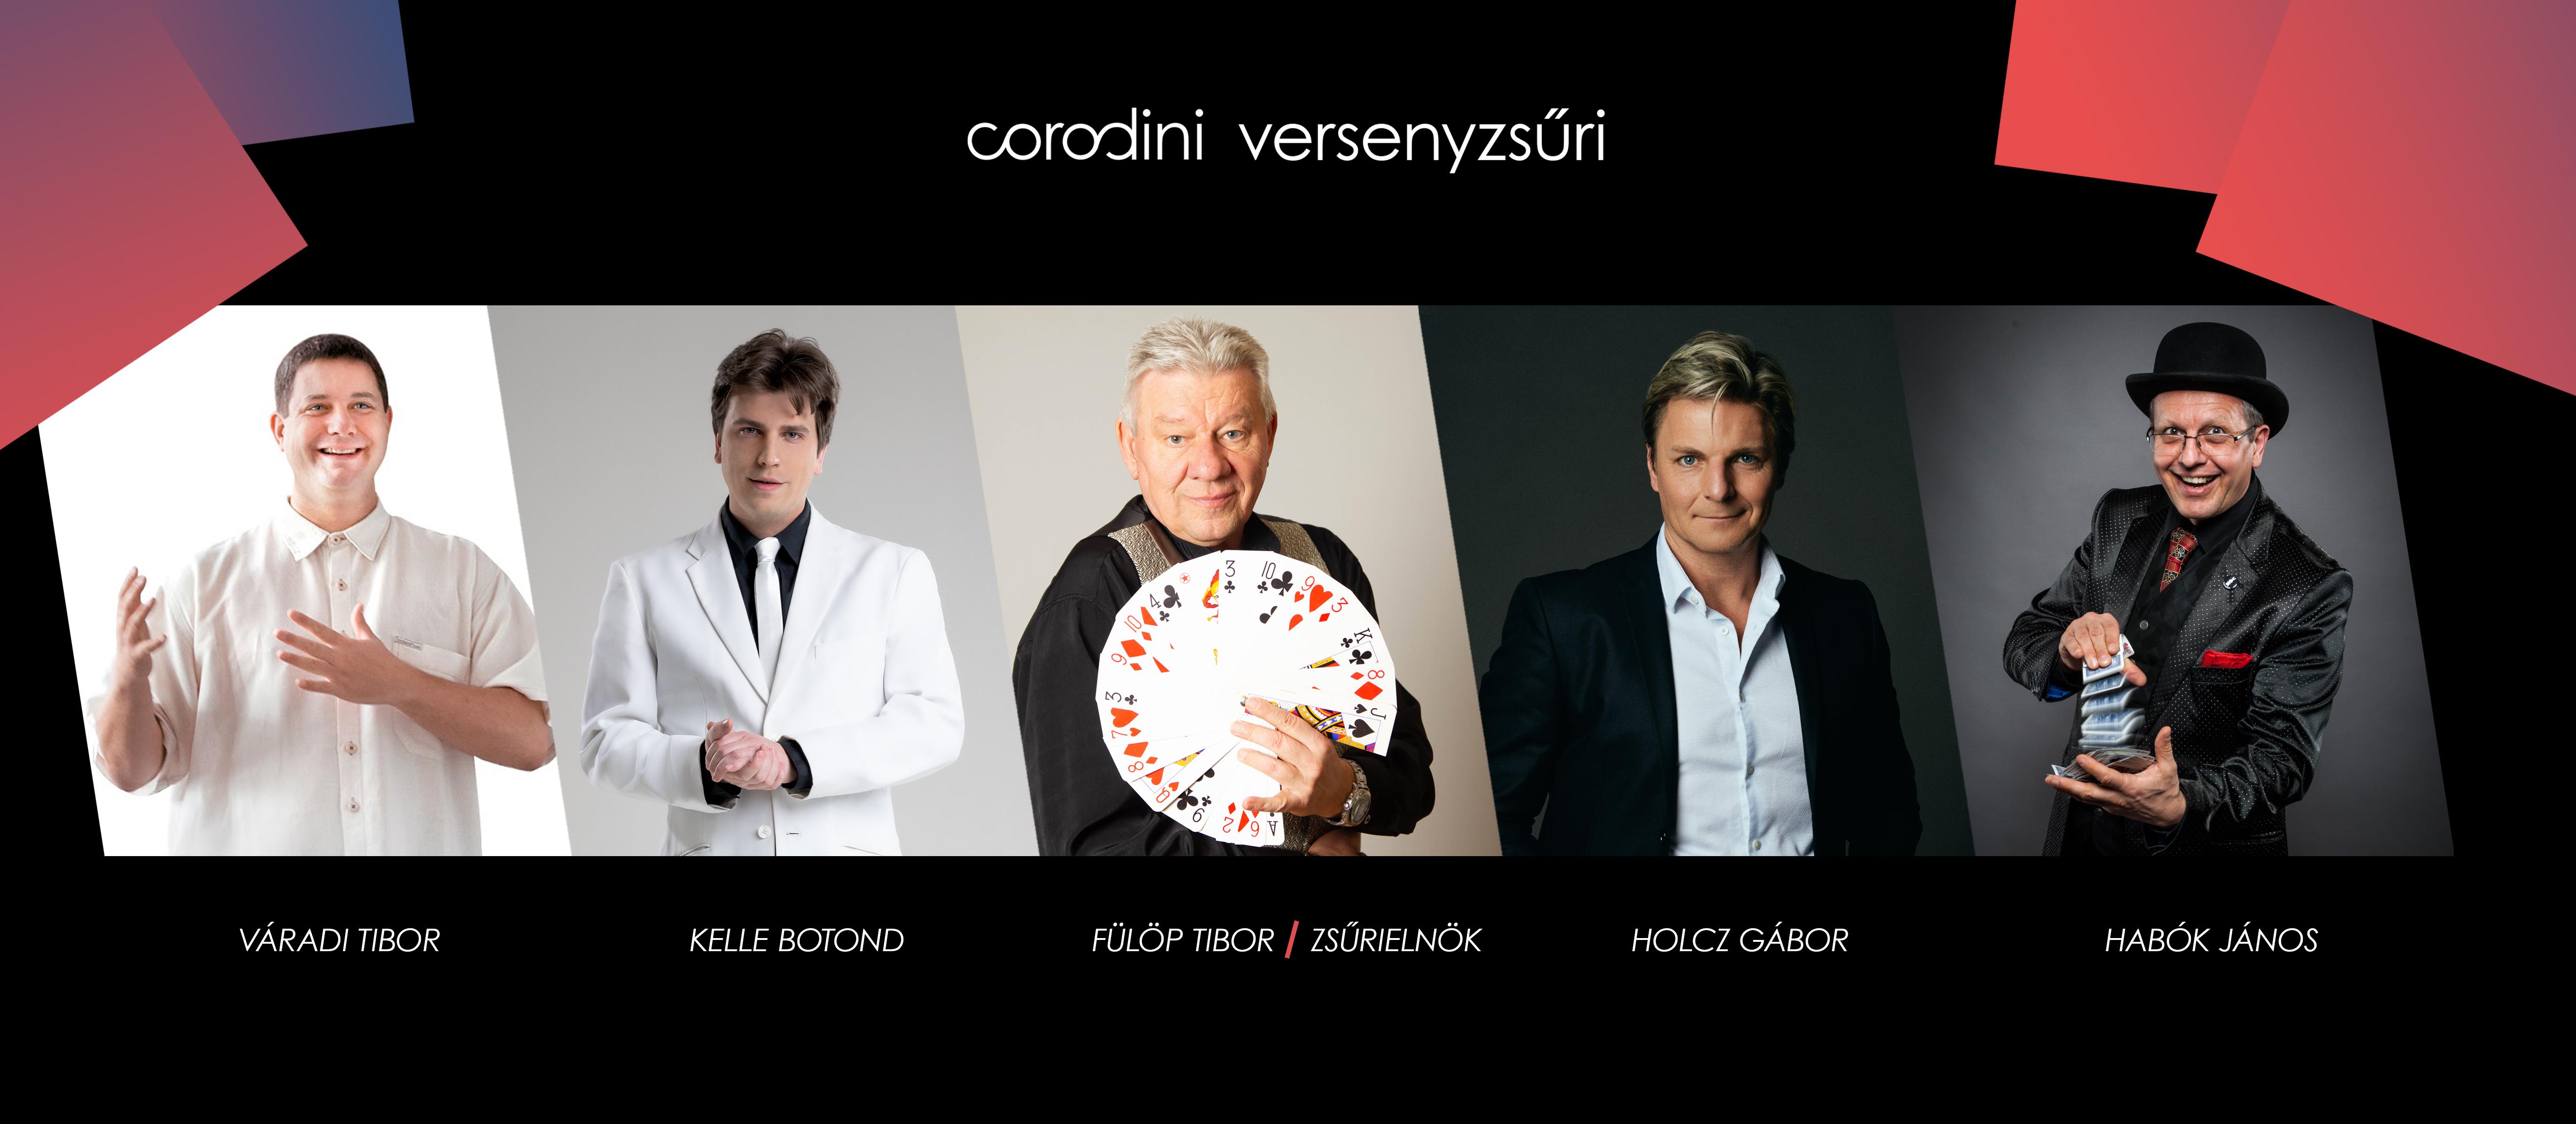 corodini_versenyzsuri02.jpg